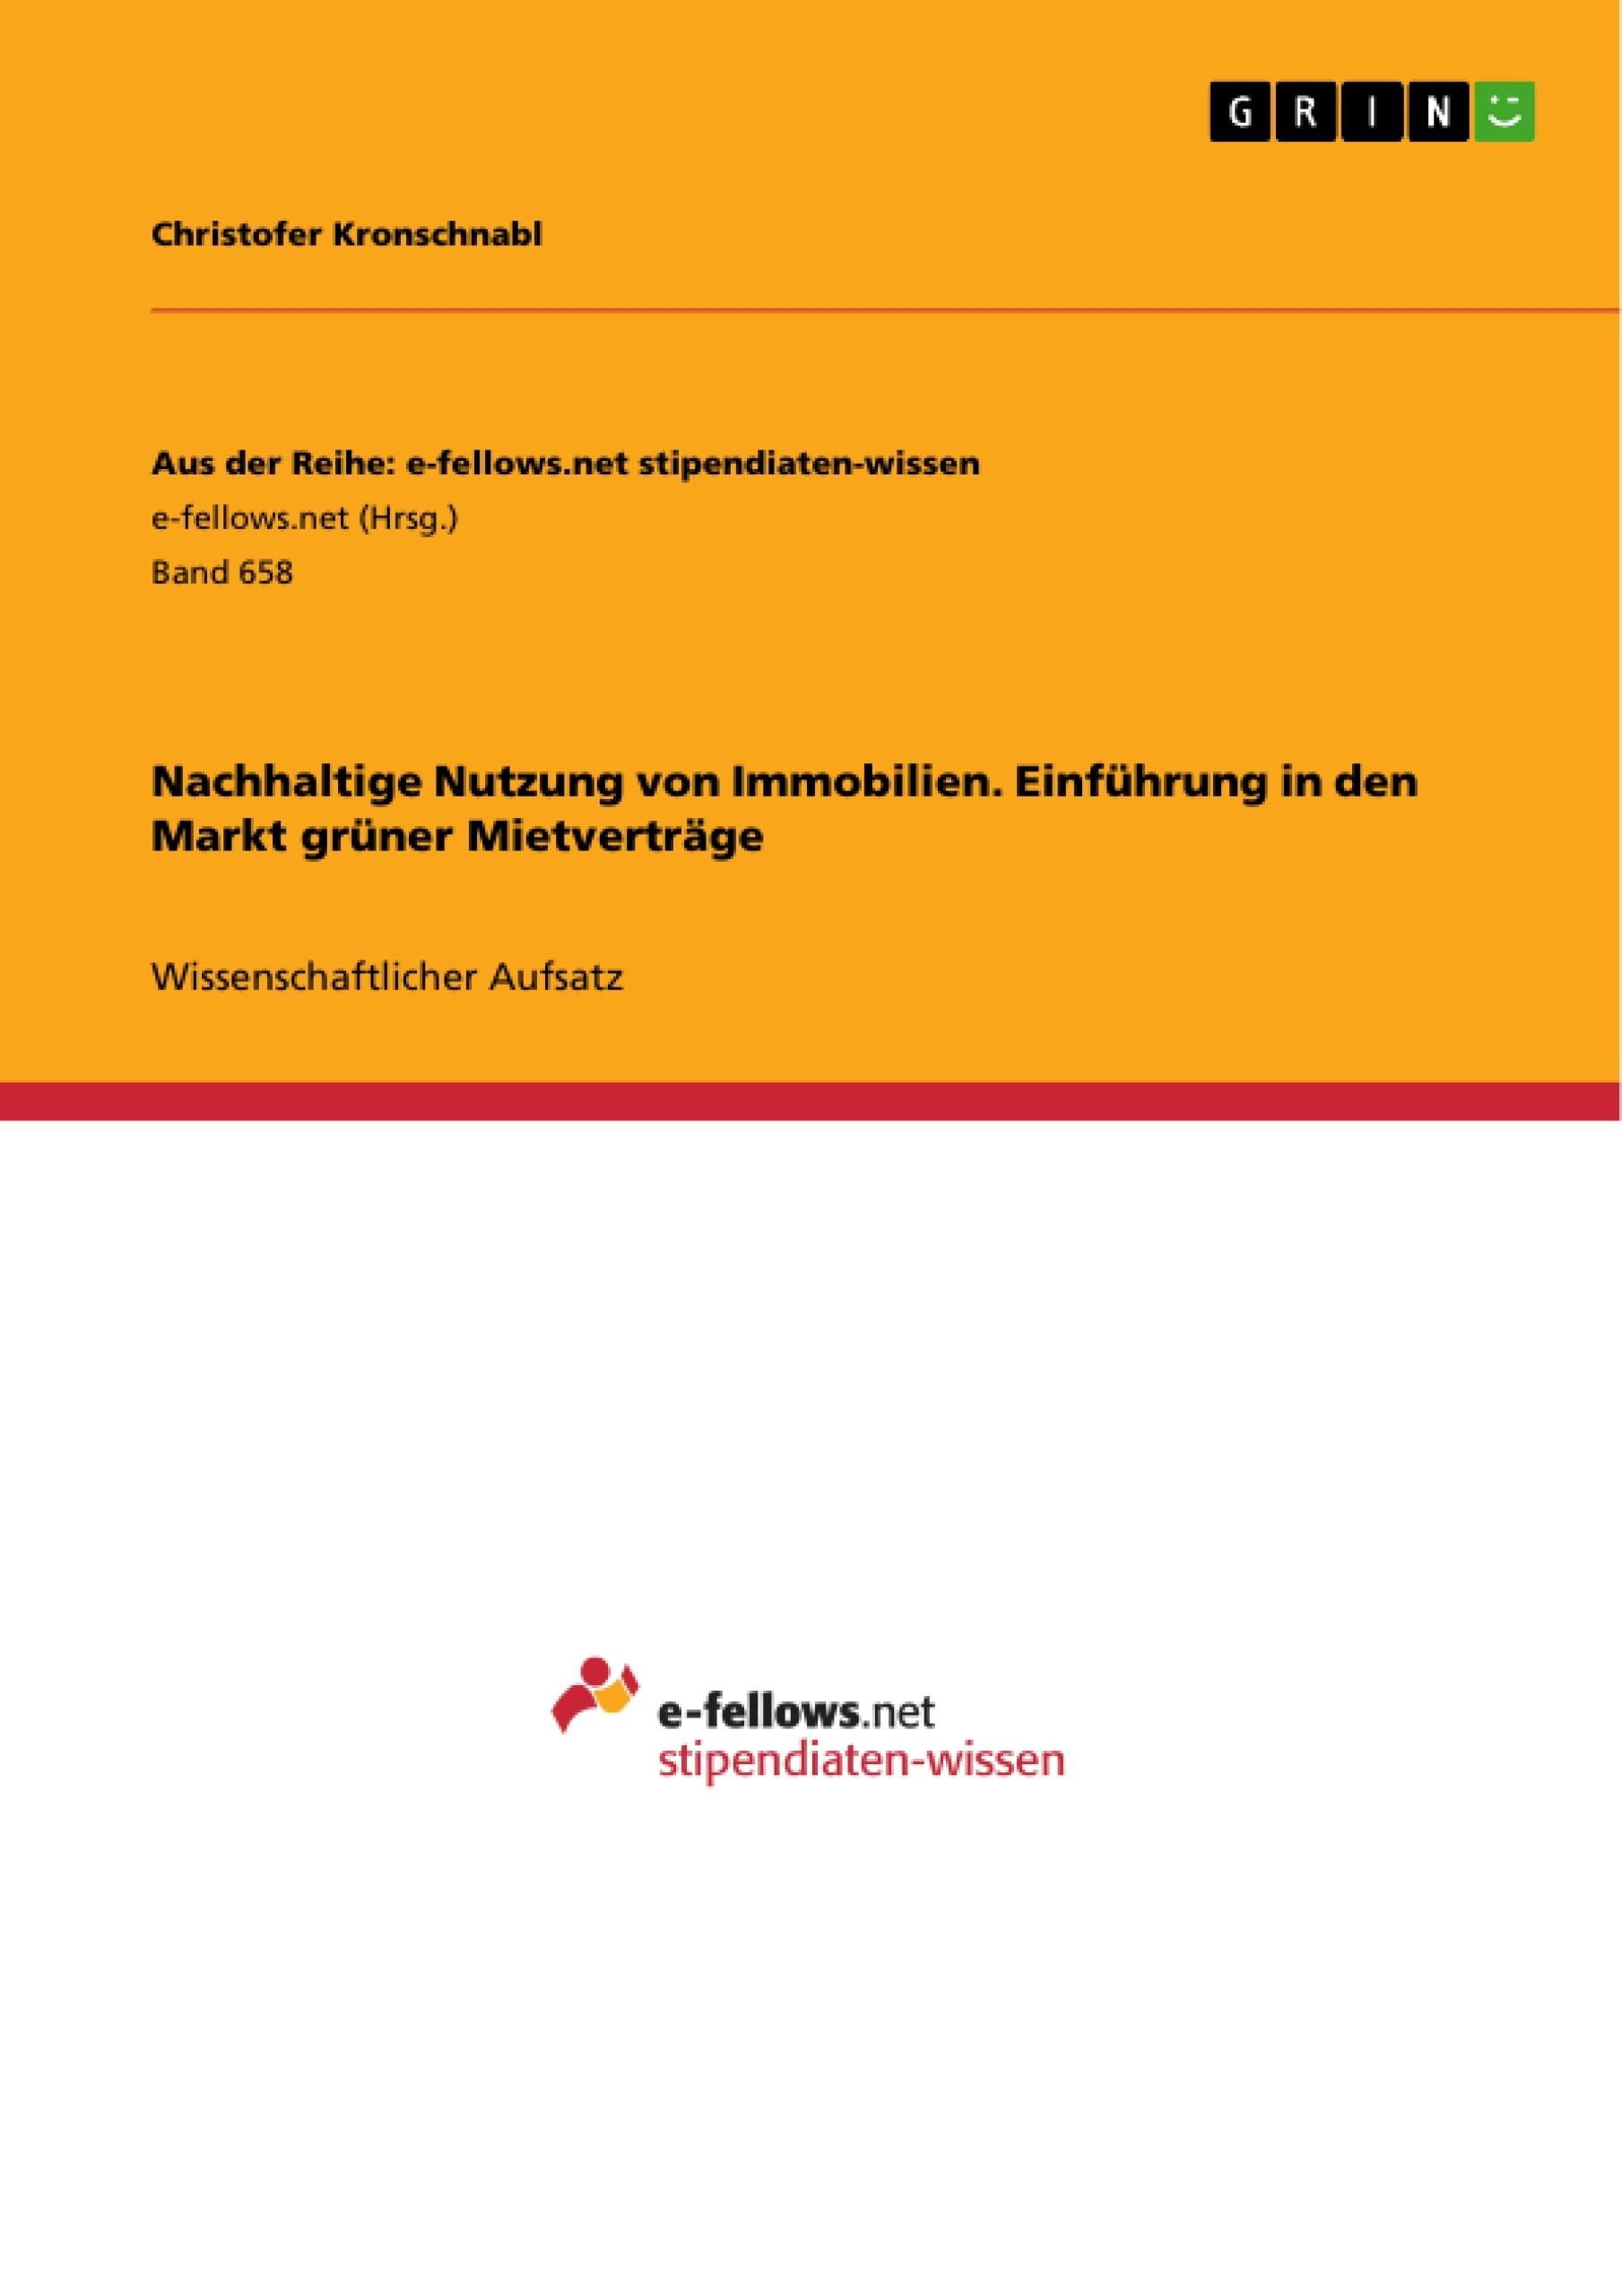 Titel: Nachhaltige Nutzung von Immobilien. Einführung in den Markt grüner Mietverträge